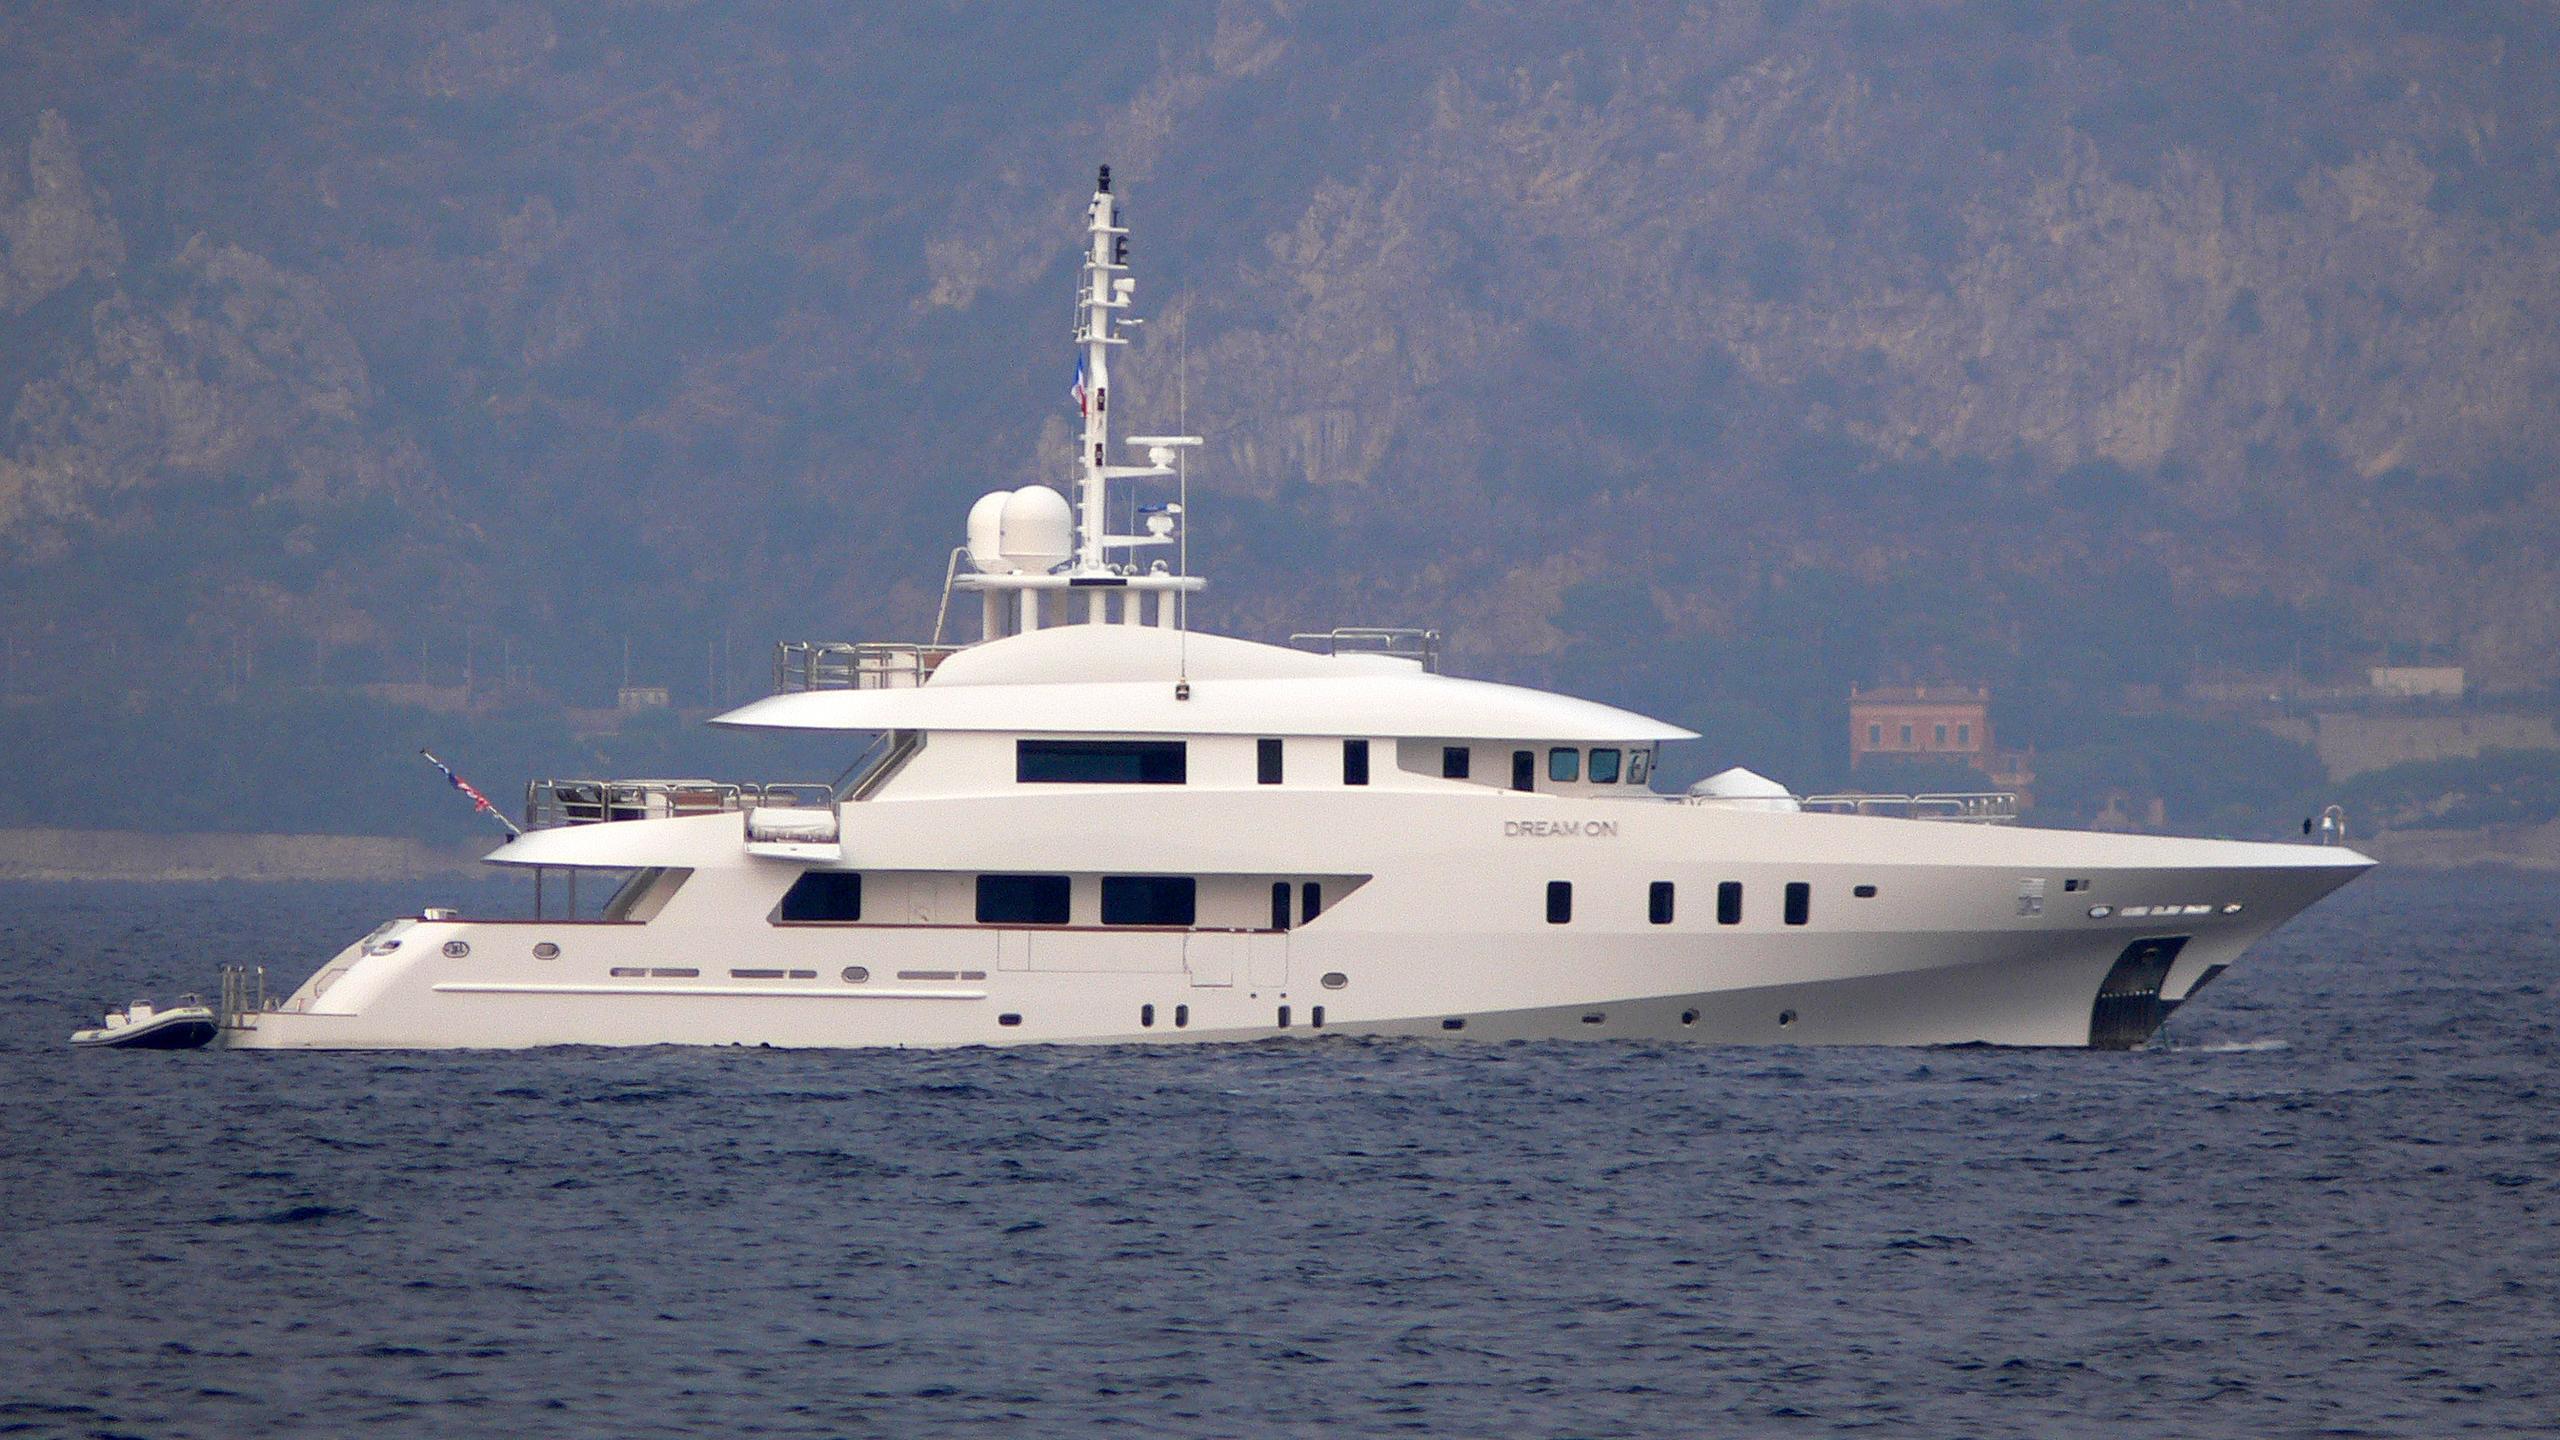 dream-on-yacht-exterior